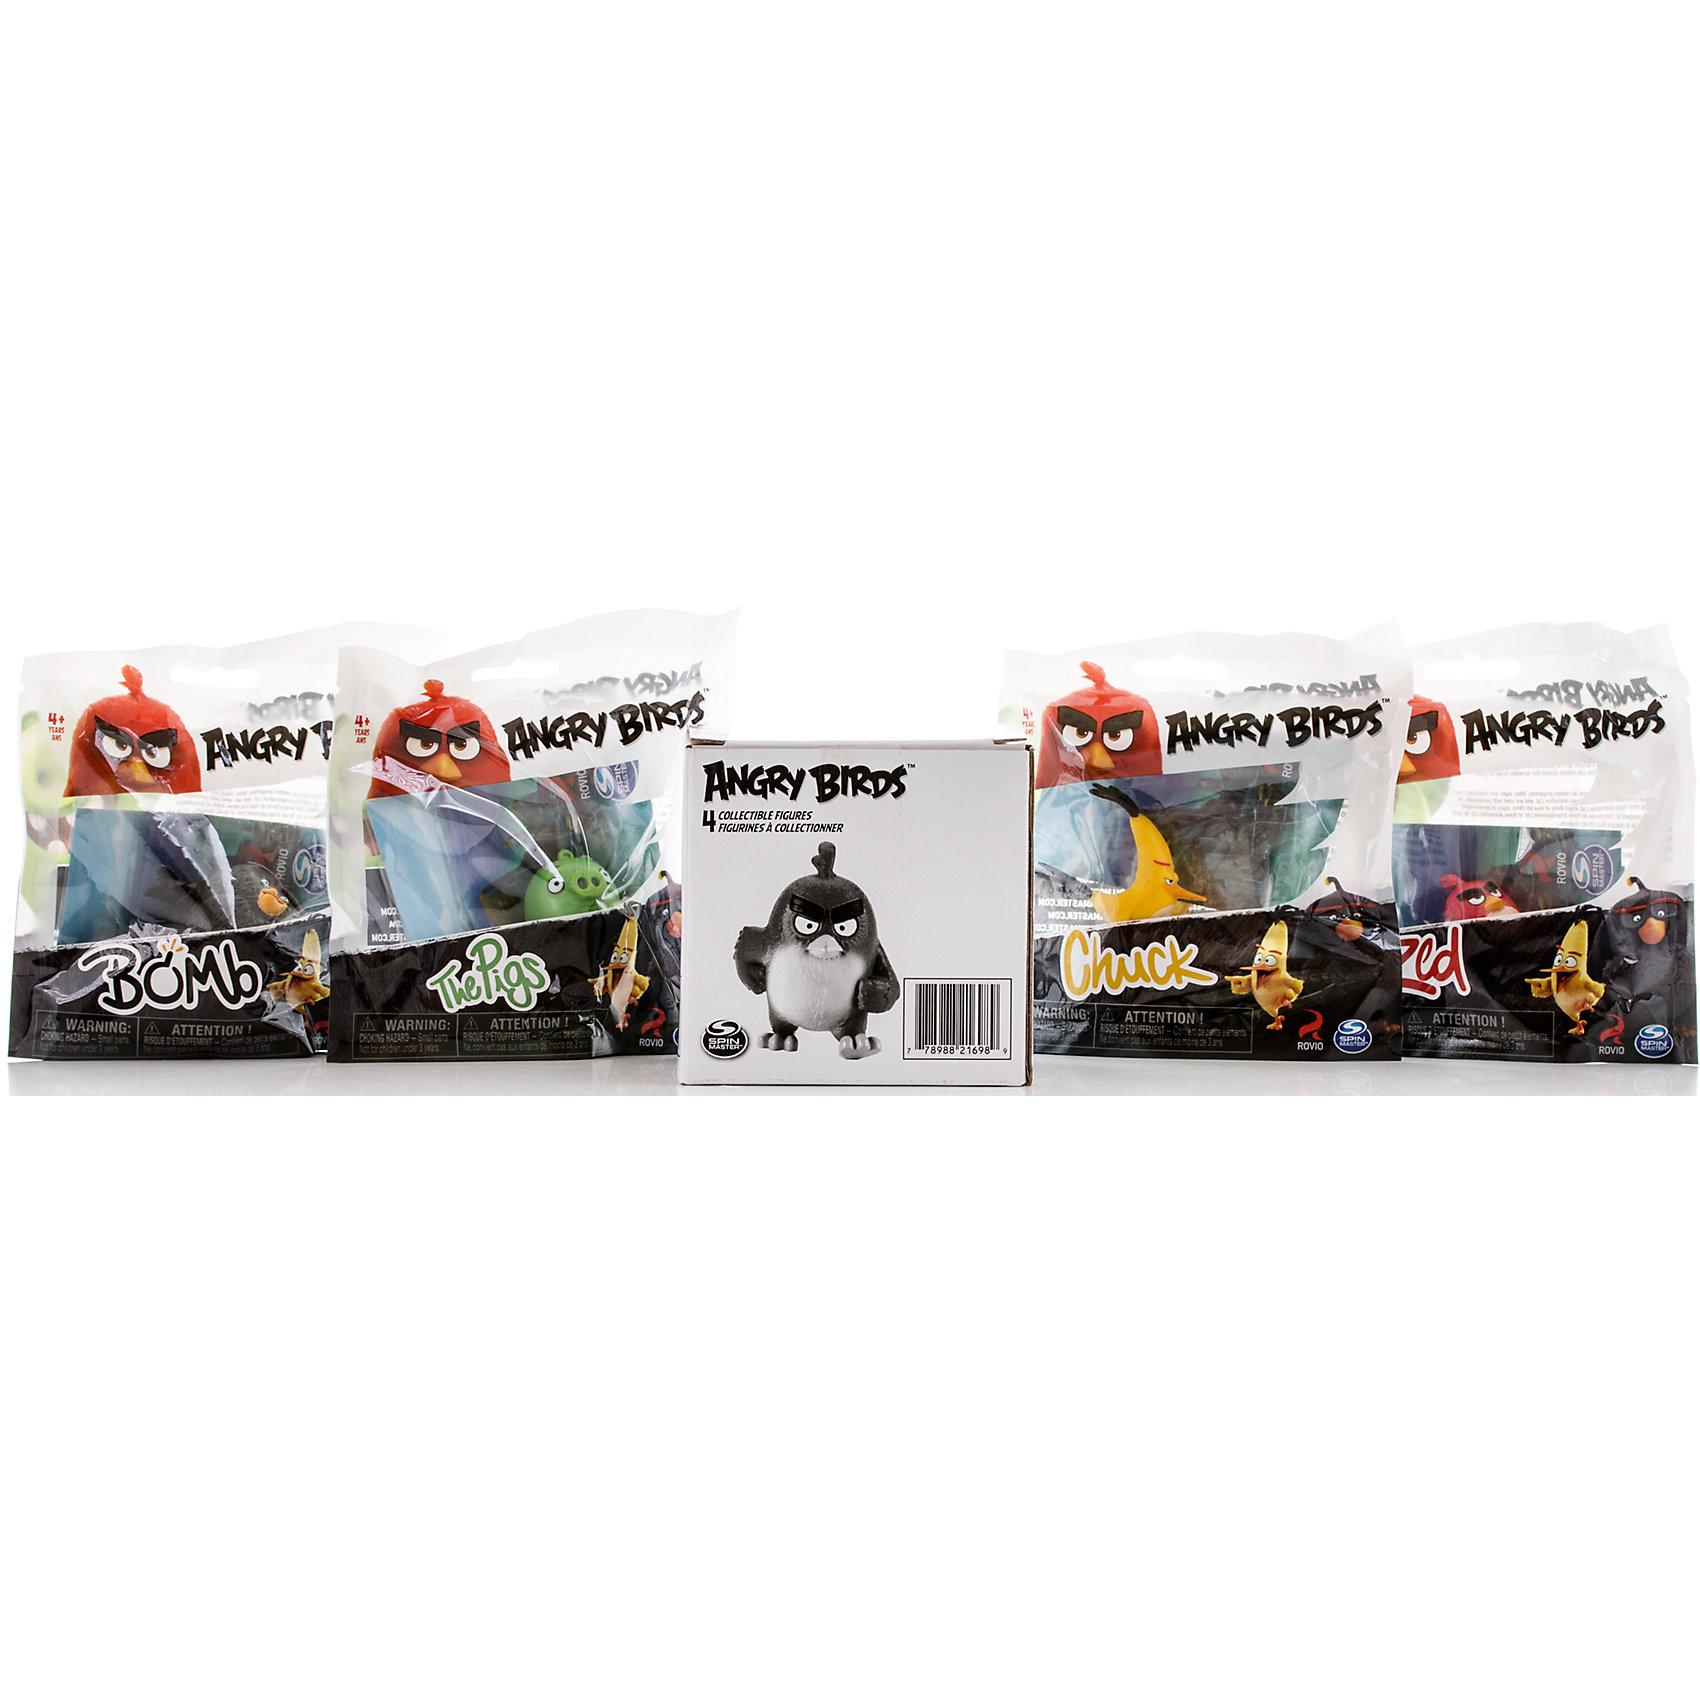 Набор из 4 фигурок Angry BirdsИгрушки<br>Характеристики Игрушки Набор из 4 сердитых птичек:<br><br>- возраст: от 3 лет<br>- герой: Angry Birds<br>- пол: для мальчиков и девочек<br>- комплект: 1 набор.<br>- материал: пластик<br>- упаковка: картонная коробка.<br>- упаковка отдельной игрушки: блистер на картоне.<br>- длина игрушки: 6 см.<br>- страна обладатель бренда: Канада.<br><br>Замечательная новинка весны 2016 года от компании Spin Master – набор из 4 коллекционных фигурок героев популярнейшей во всем мире компьютерной игры и мультфильма Angry Birds! Такой подарок оценят не только дети, но и вполне взрослые люди, ведь обаянию сердитых птичек и зеленых поросят подвластны люди самых разных возрастов. Высота каждой минифигурки 5 см, игрушки выполнены из пластика и очень тщательно детализированы. Фигурки очень ярко и точно отражают характеры героев и их эмоции. Каждый персонаж представлен в нескольких вариантах мимики и поз. Собери всю коллекцию смешных персонажей Энгри Бёрдз на своей полке!<br><br>Игрушку Набор из 4 птичек на колесах можно купить в нашем интернет-магазине.<br><br>Ширина мм: 100<br>Глубина мм: 110<br>Высота мм: 100<br>Вес г: 216<br>Возраст от месяцев: 36<br>Возраст до месяцев: 192<br>Пол: Унисекс<br>Возраст: Детский<br>SKU: 4663718